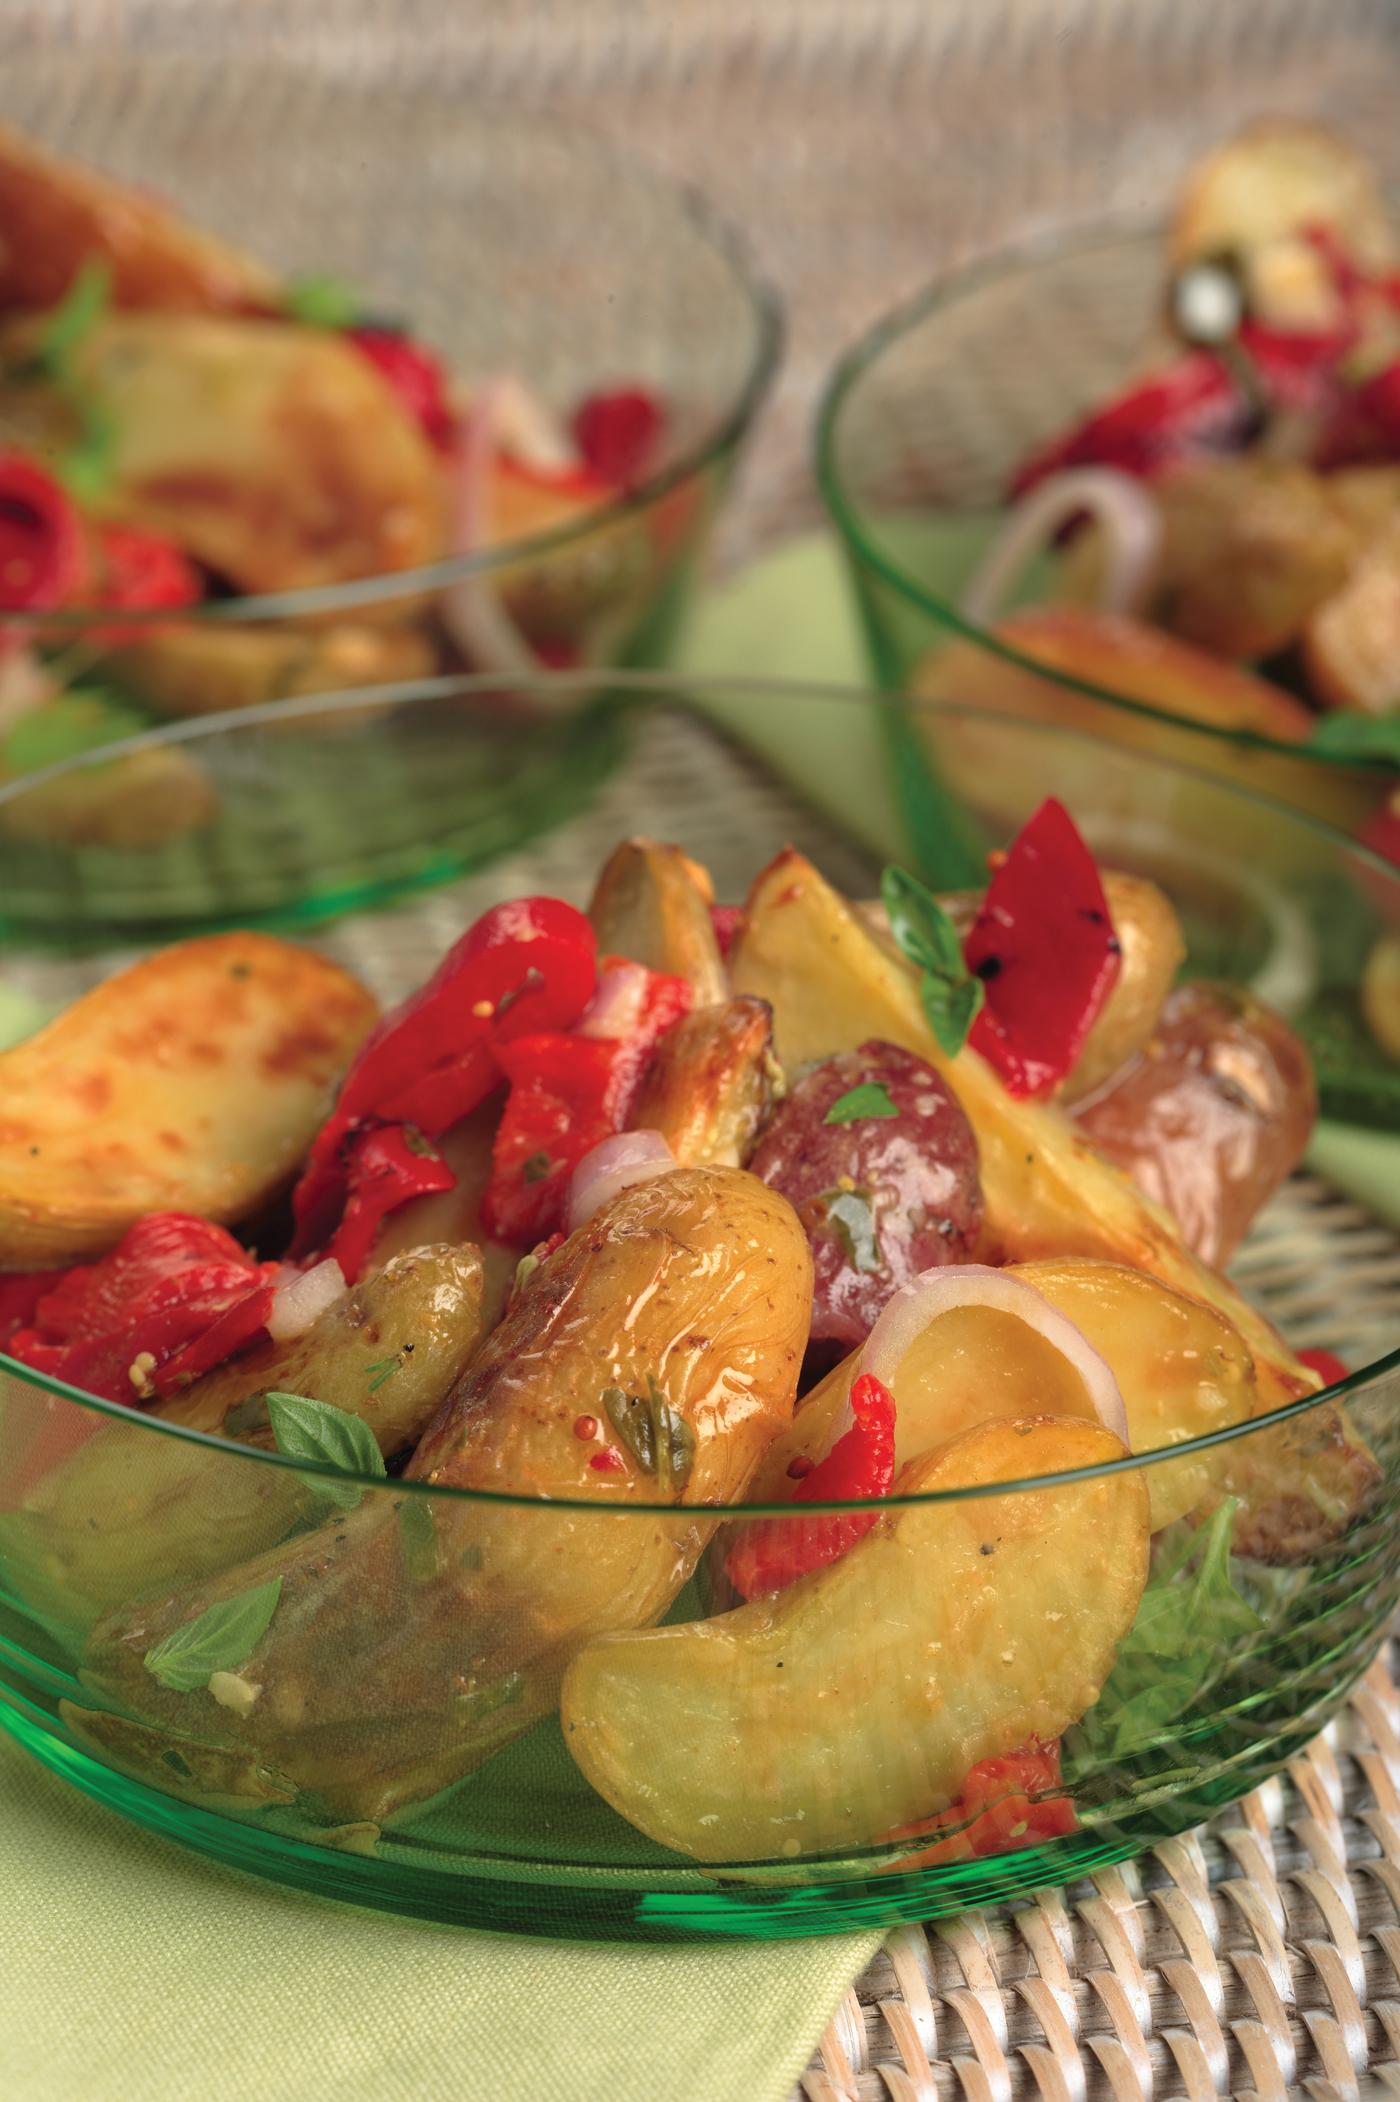 Roasted Fingerling Potato Salad With Lemon-Basil Vinaigrette